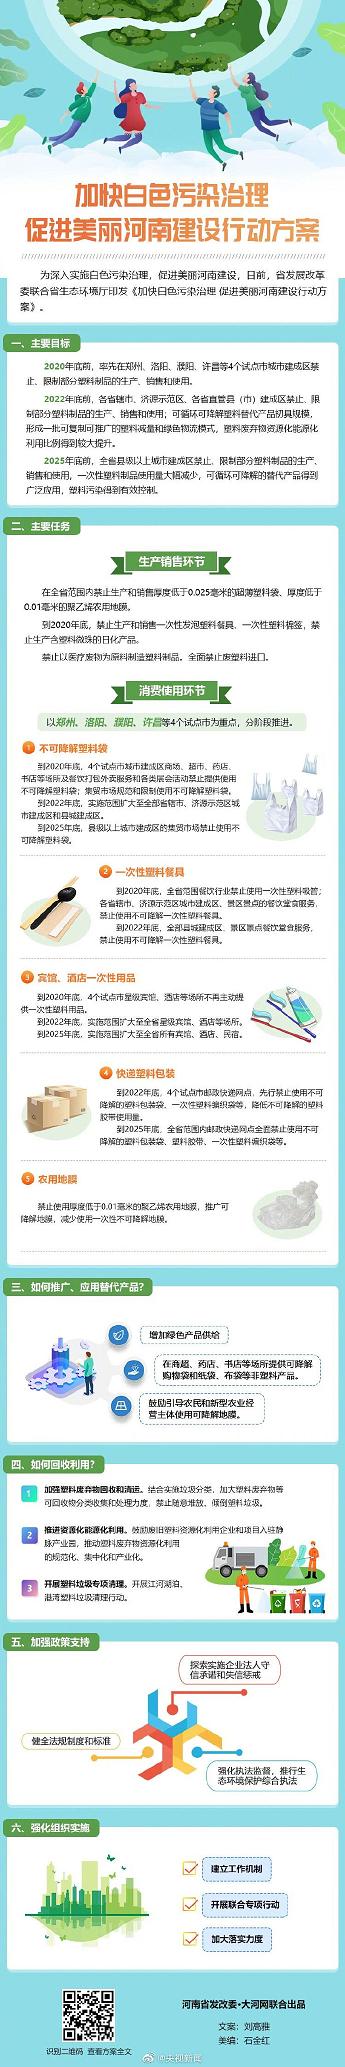 摩天招商,南禁止生产销售一次性塑料制品摩天招商图片